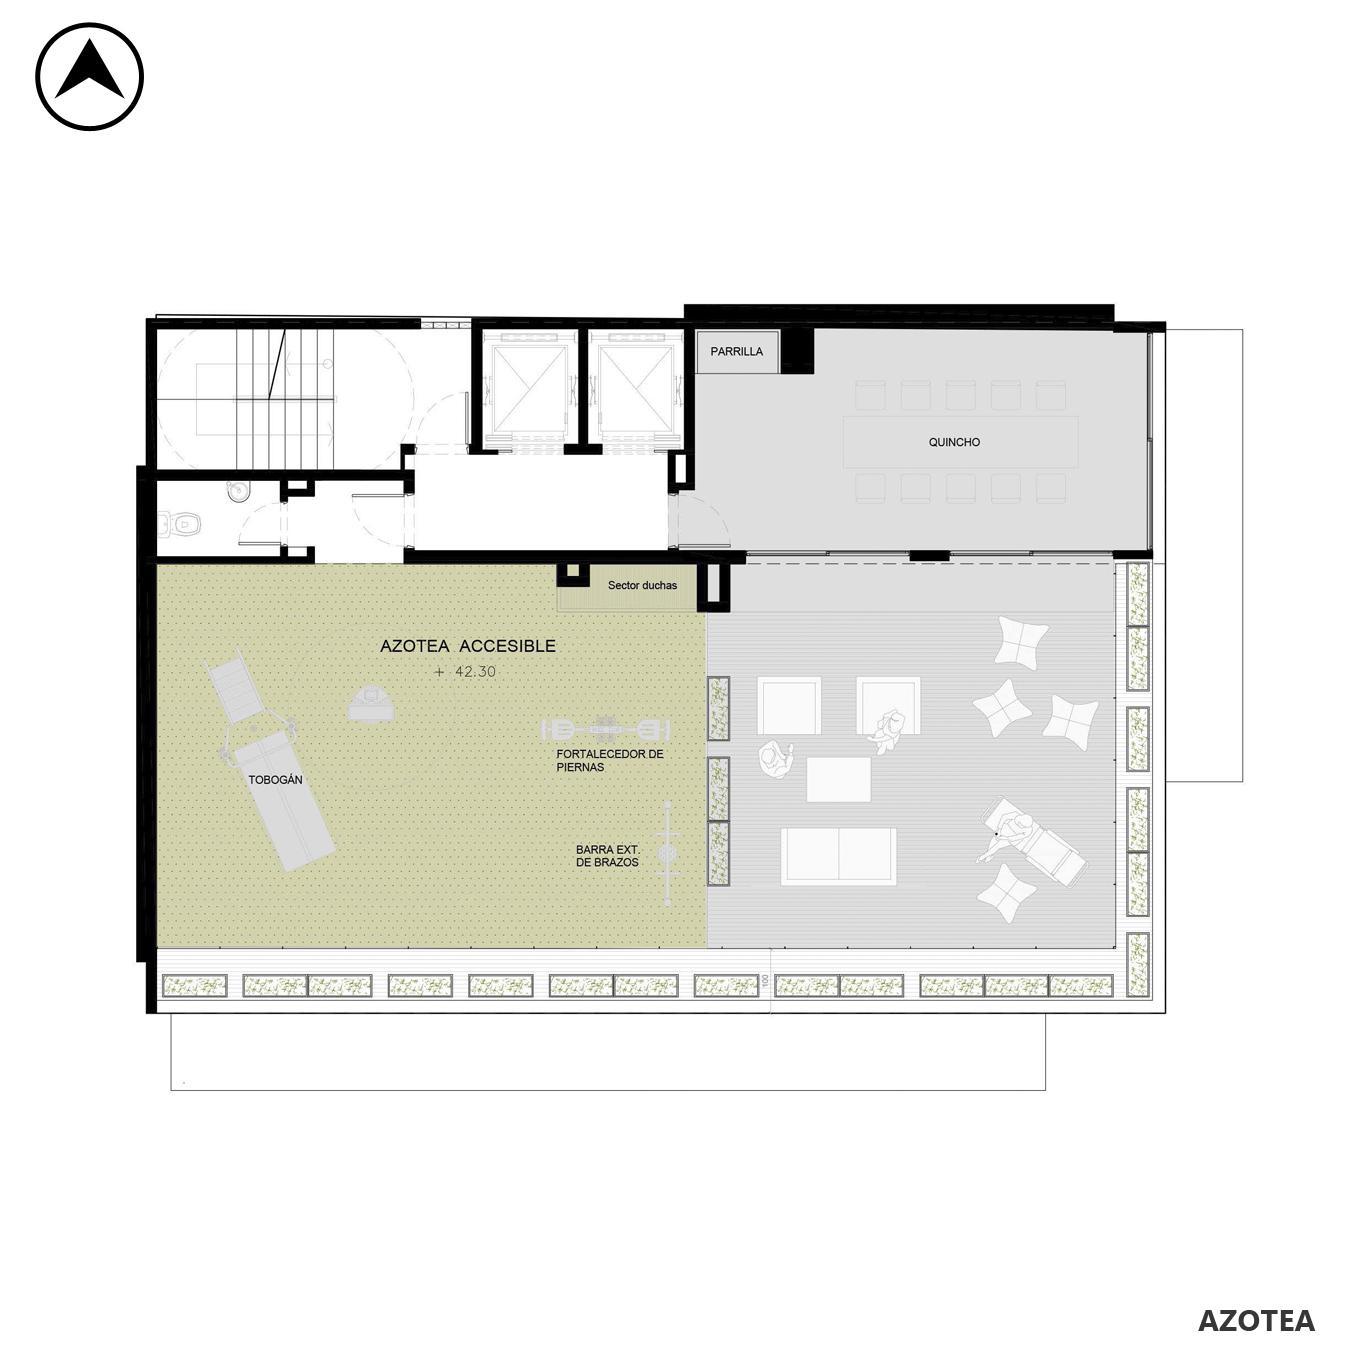 Venta departamento 1 dormitorio Rosario, República De La Sexta. Cod CBU24834 AP2314008. Crestale Propiedades